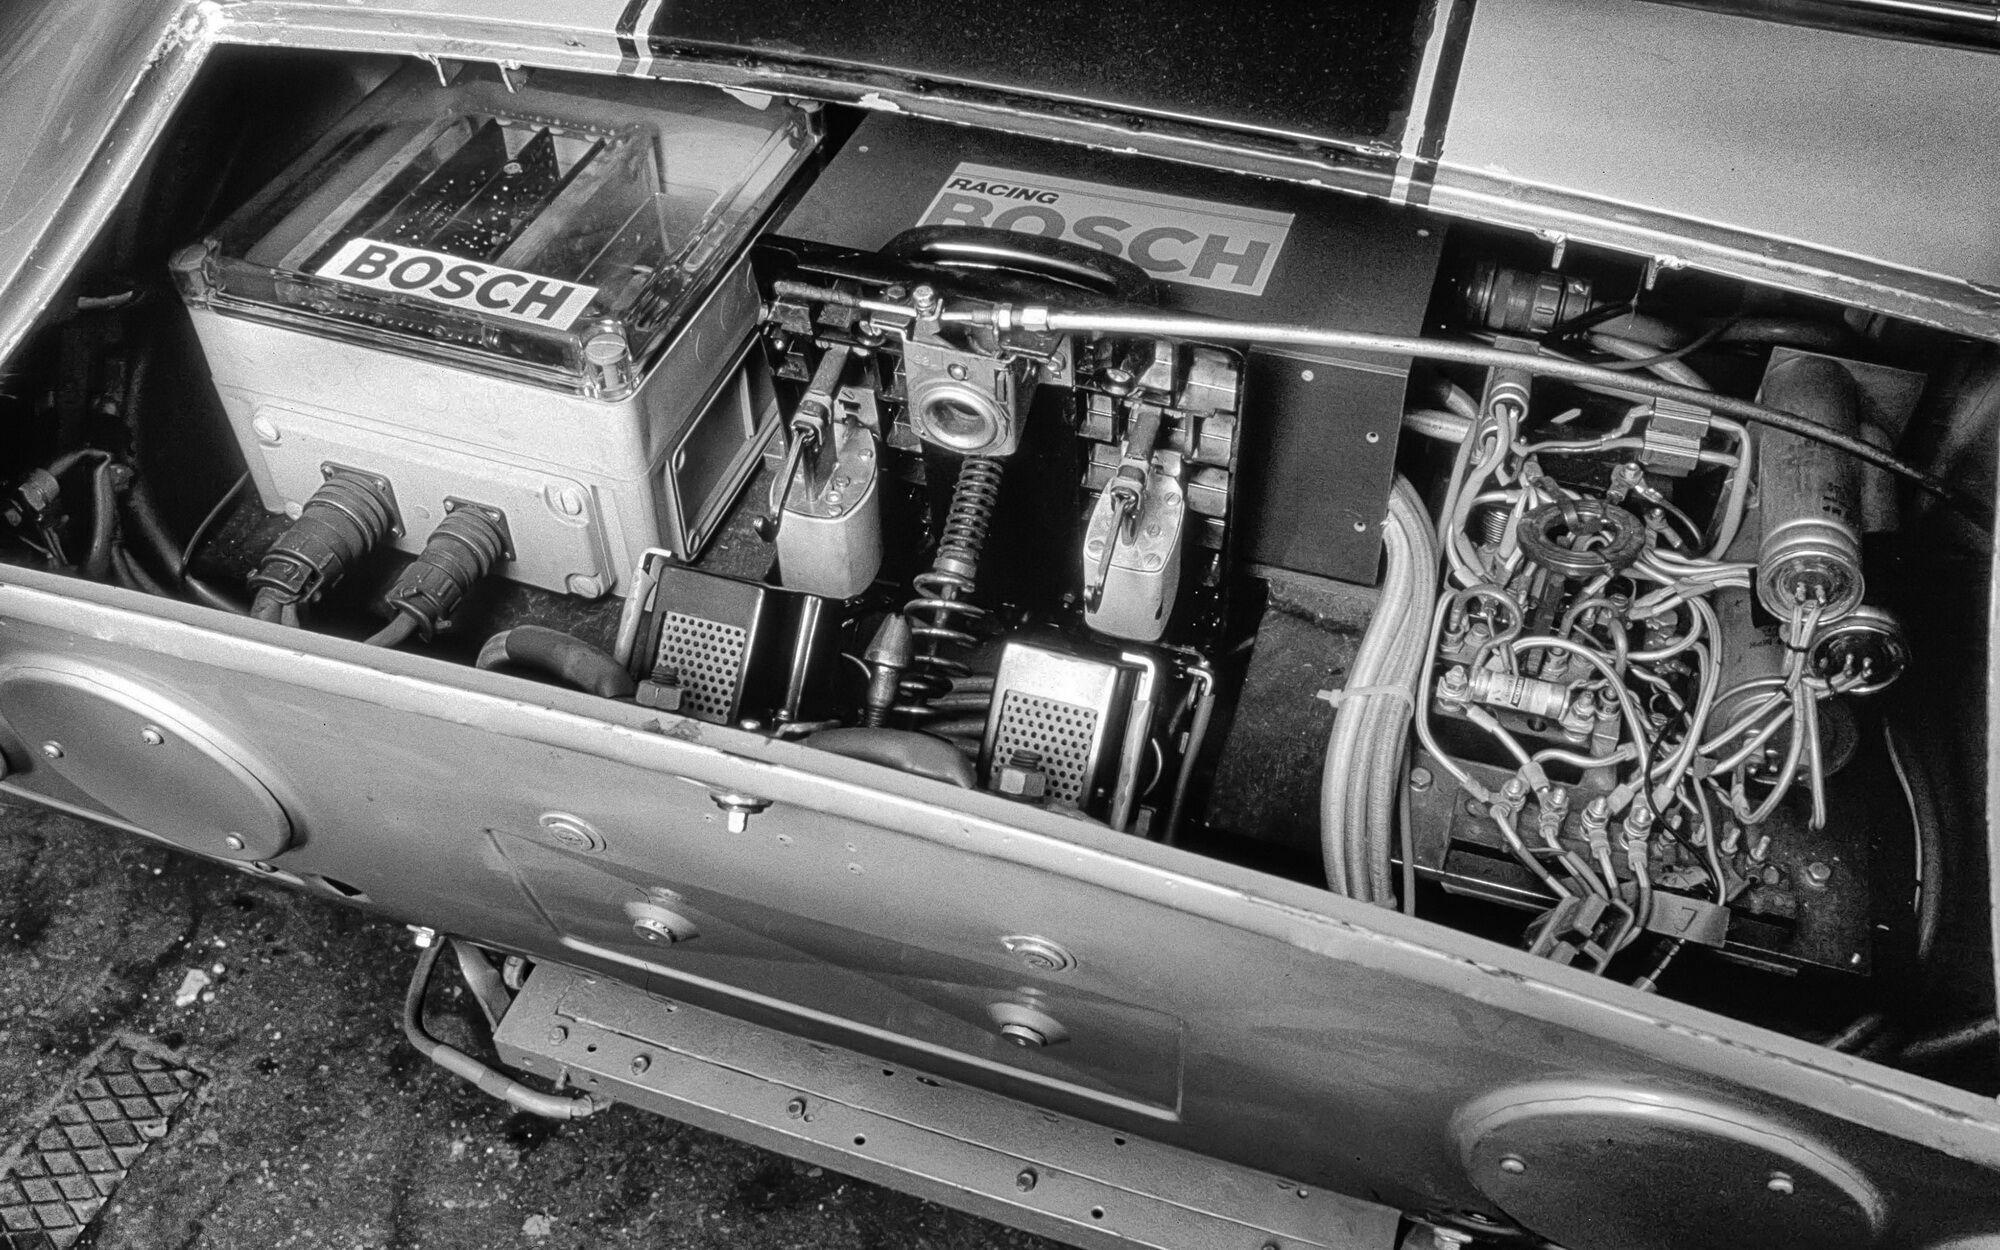 Замість ДВС його оснастили двома електромоторами Bosch постійного струму